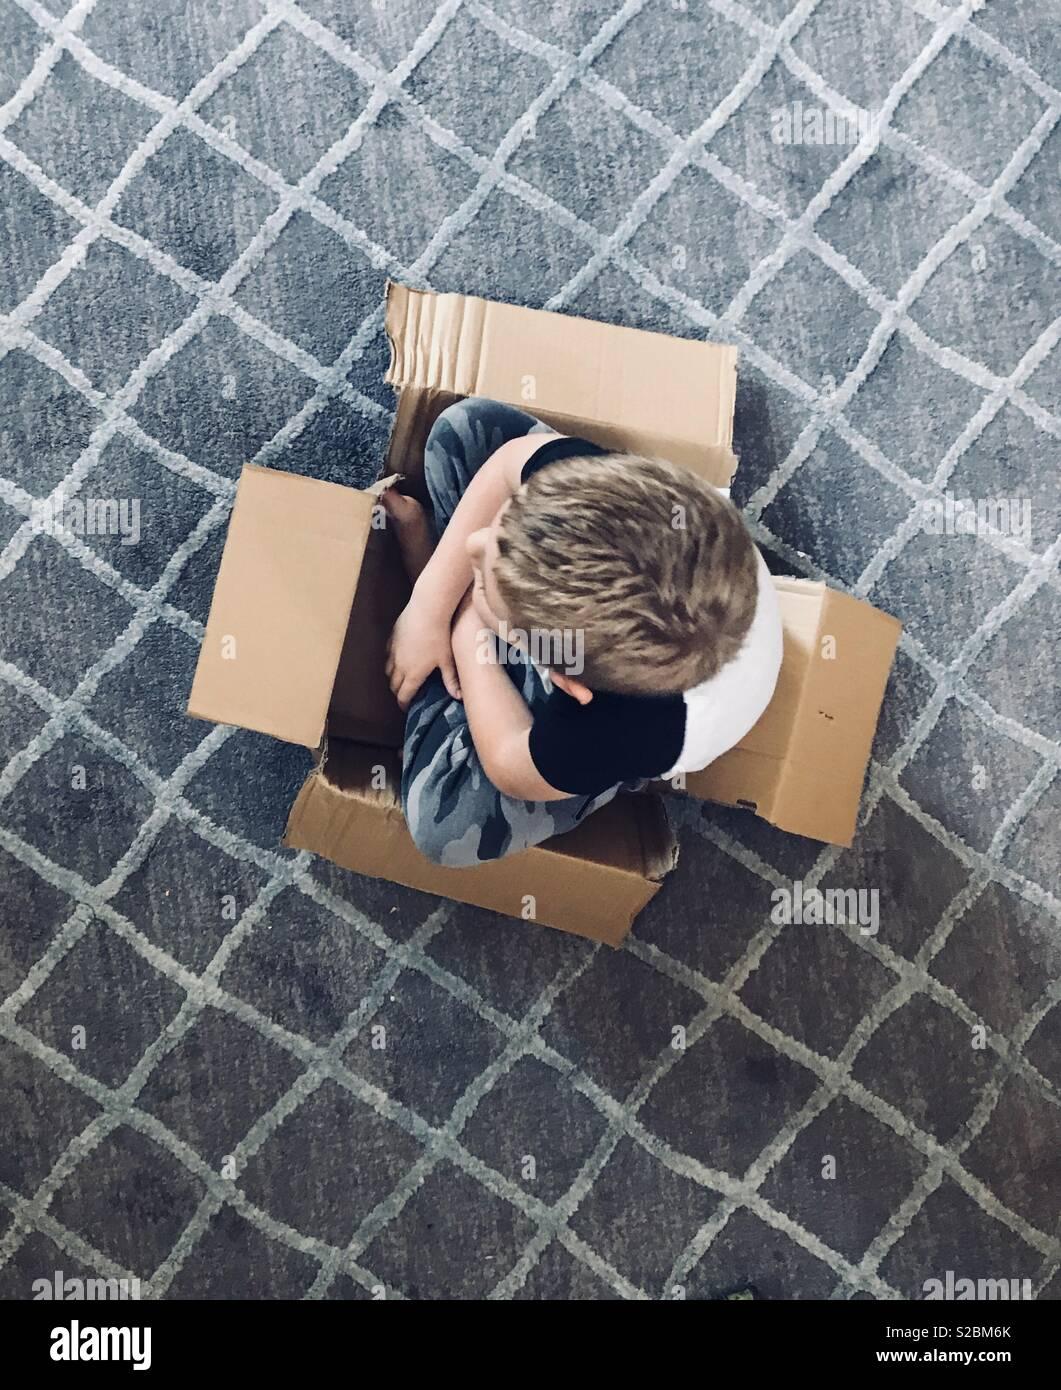 Bambino seduto nella sua corsa auto scatola di cartone guardando la tv - riproduzione di finta Immagini Stock